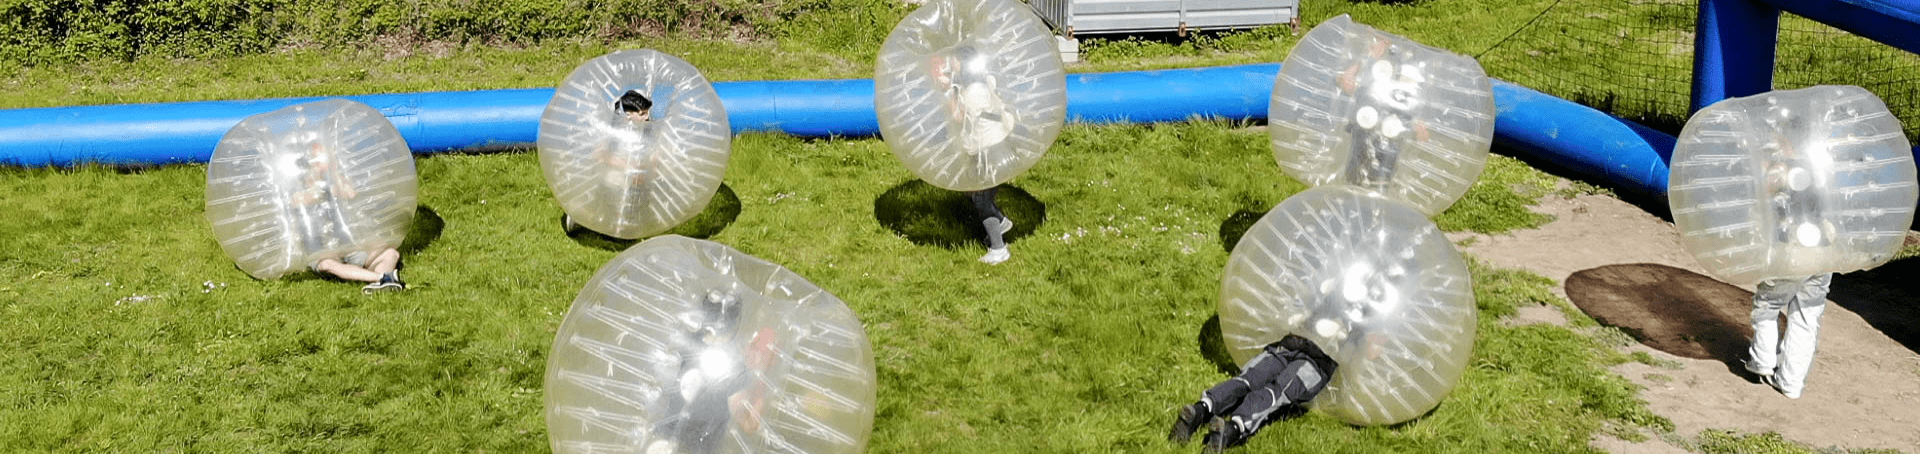 Bubbleball bei der Basis51 in Achern spielen